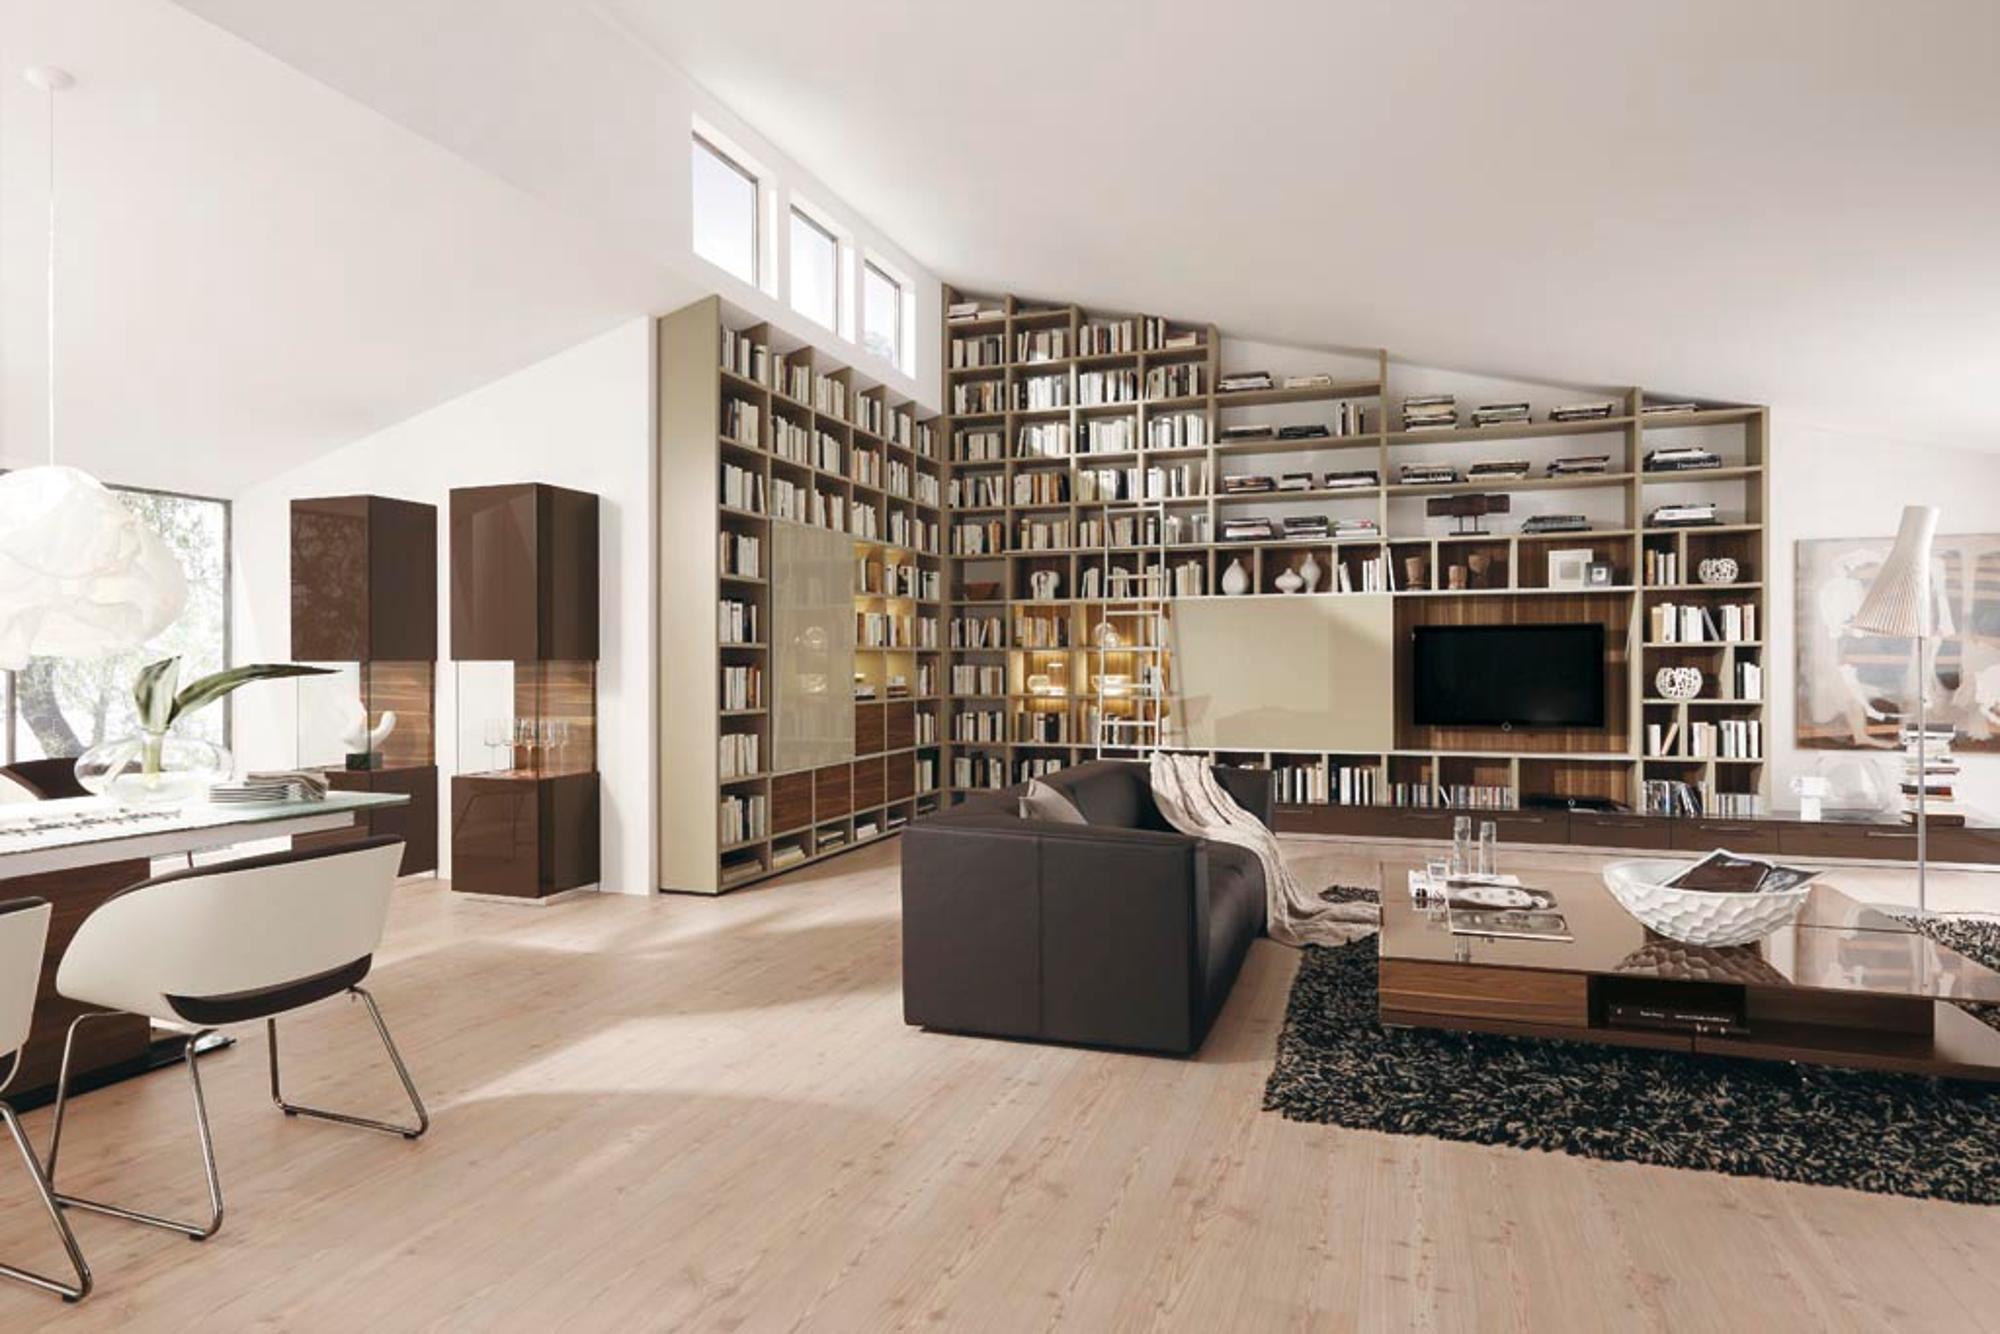 Bibliotheken für zuhause sind ein Hingucker | Wohnen